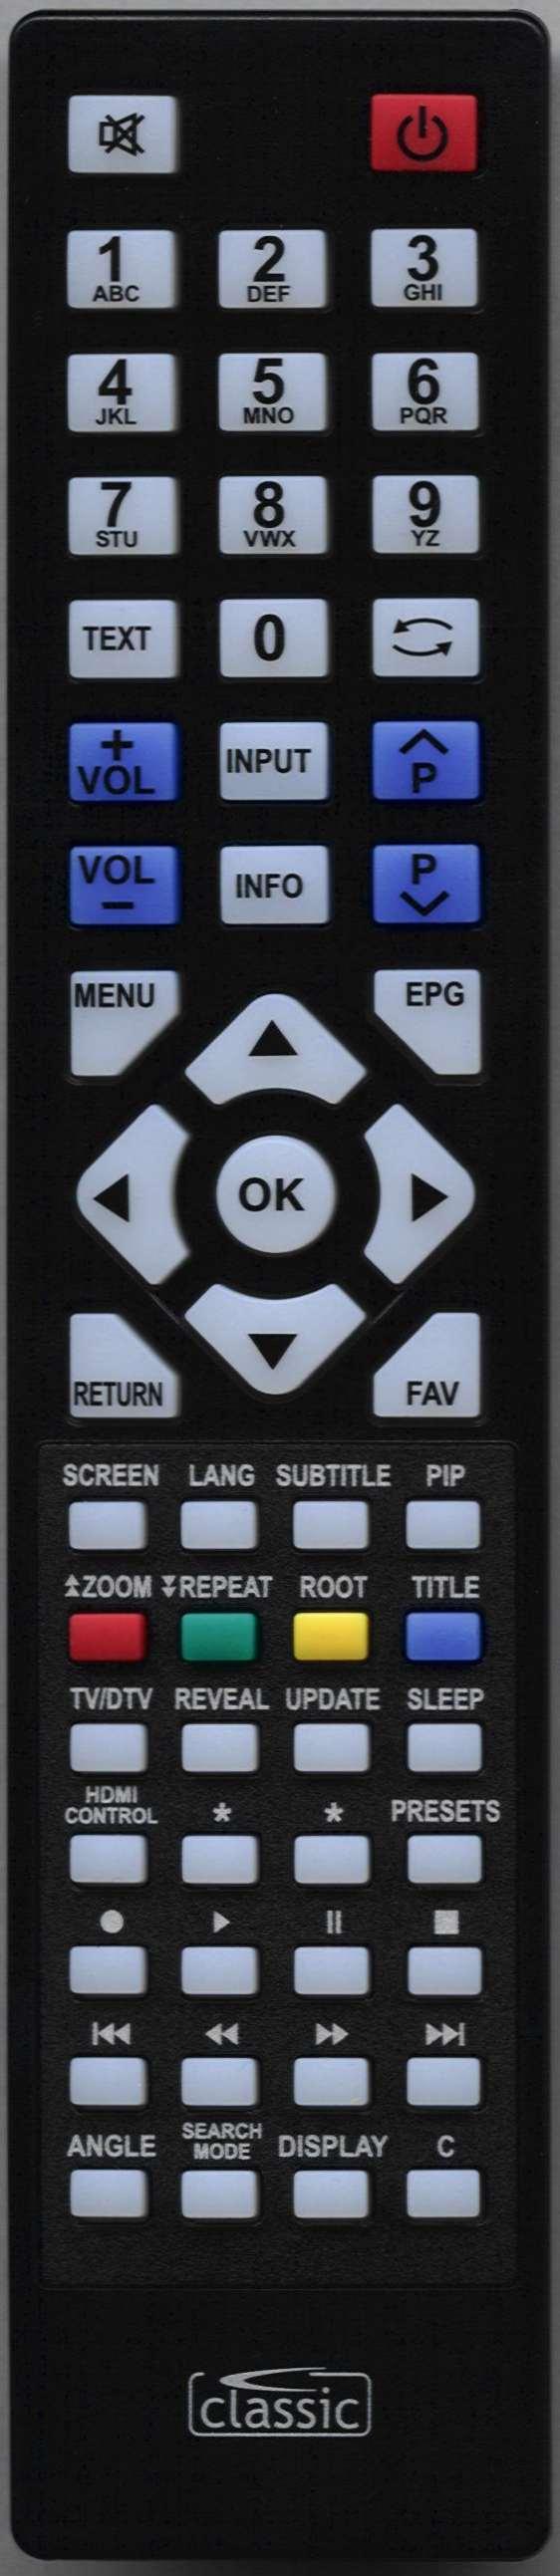 MATSUI 26LW507 Remote Control Alternative